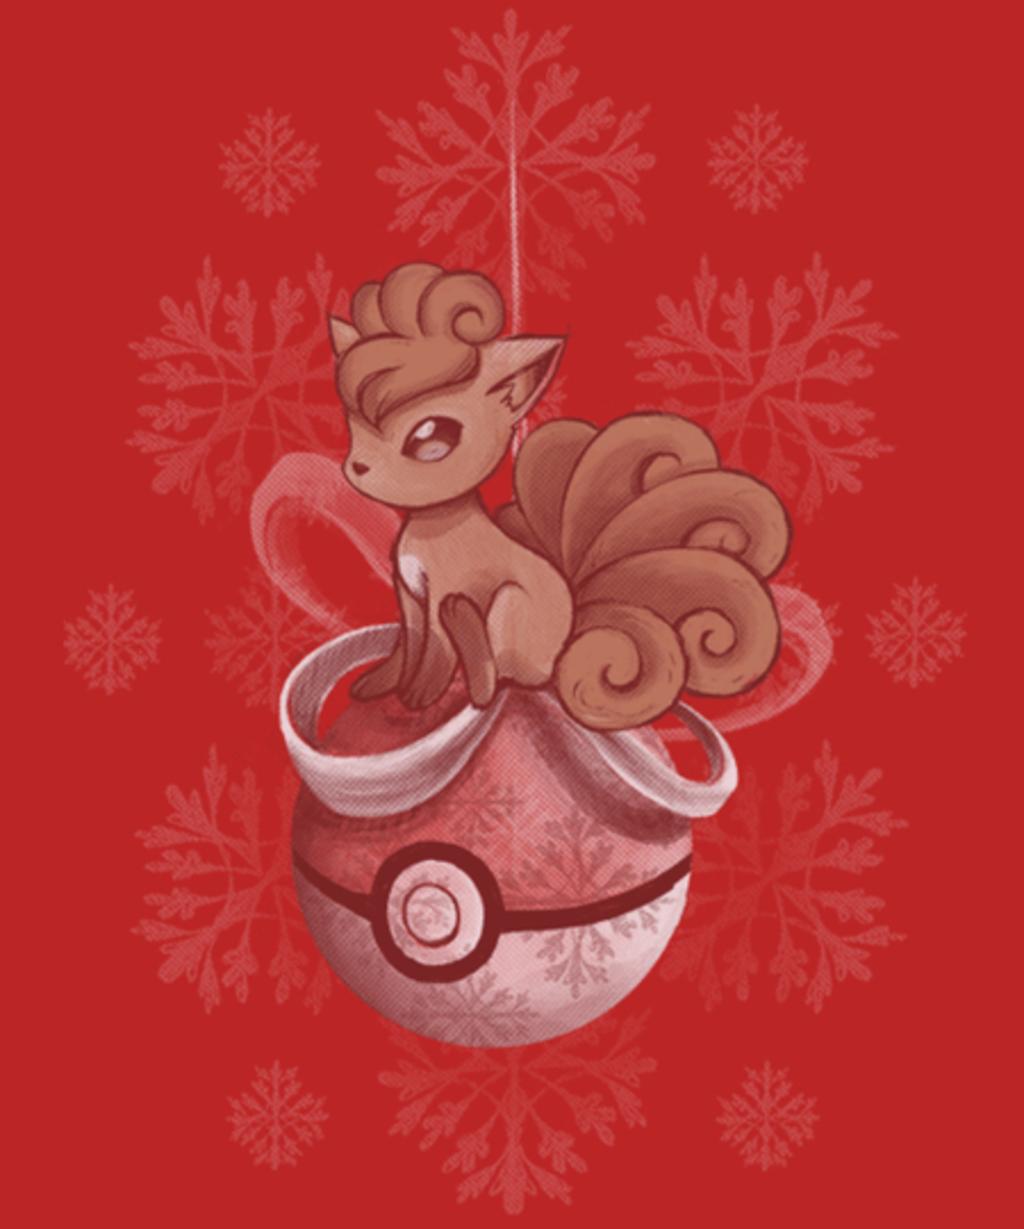 Qwertee: Christmas Vulpix